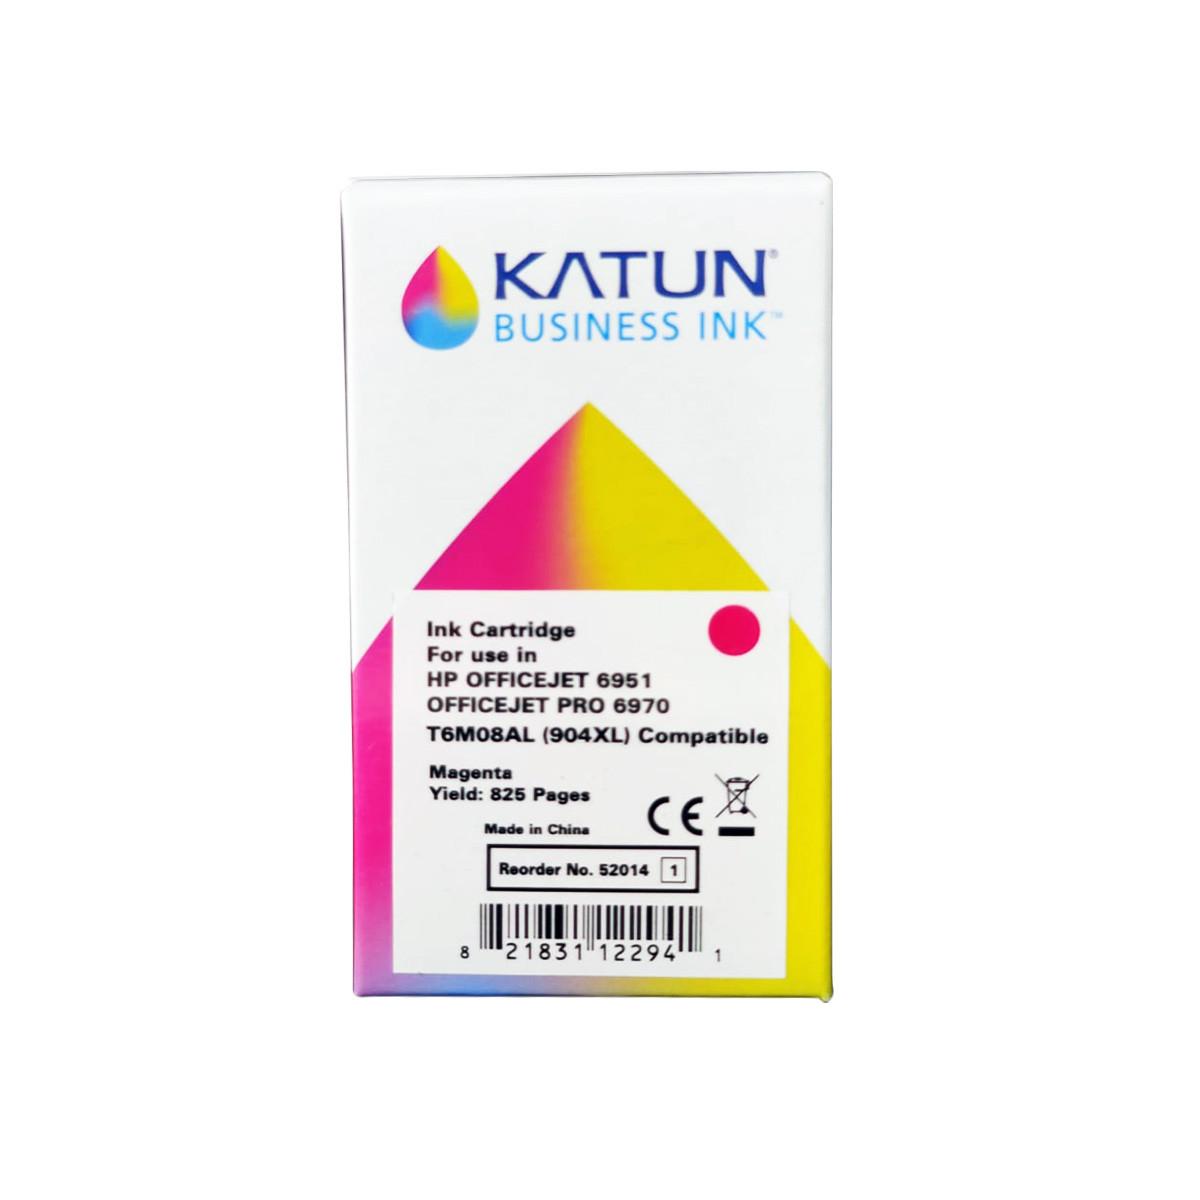 Cartucho de Tinta Compatível com HP 904XL T6M08AL Magenta | Officejet Pro 6970 | katun Business Ink